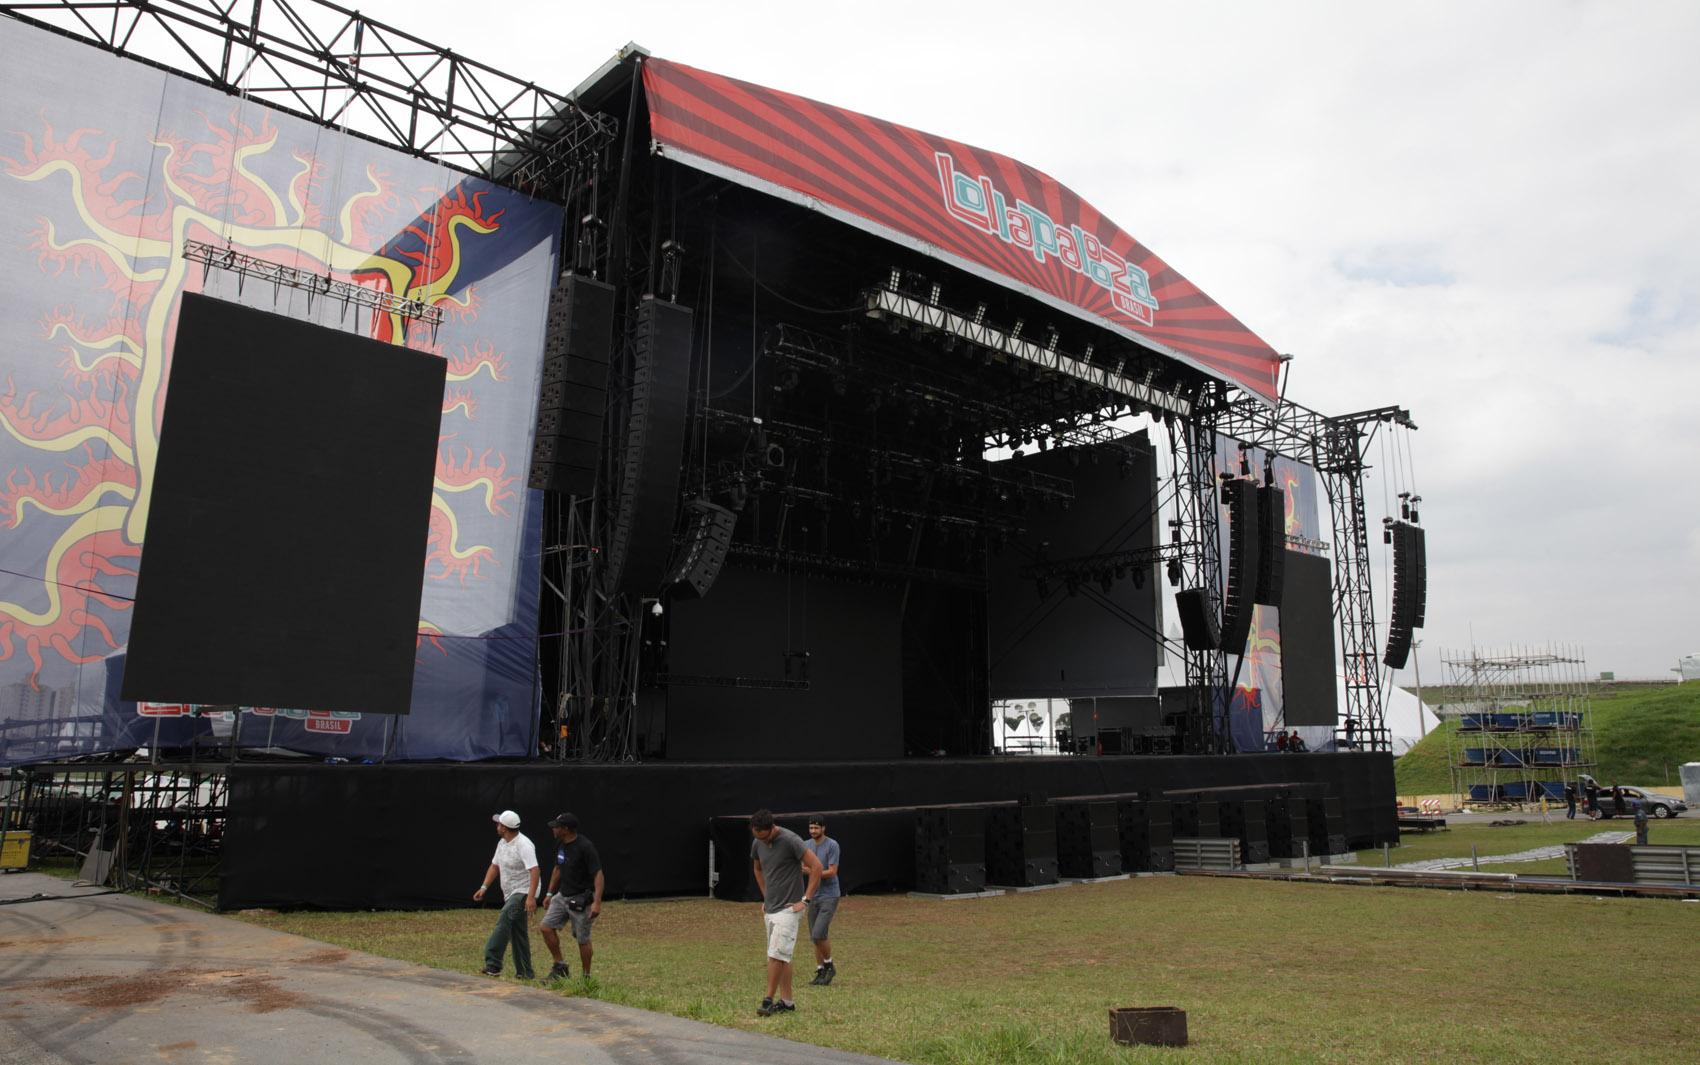 Palco principal do Lollapalooza 2014, no Autódromo de Interlagos, em SP, nesta quinta-feira (3). O evento acontece no sábado (5) e domingo (6)